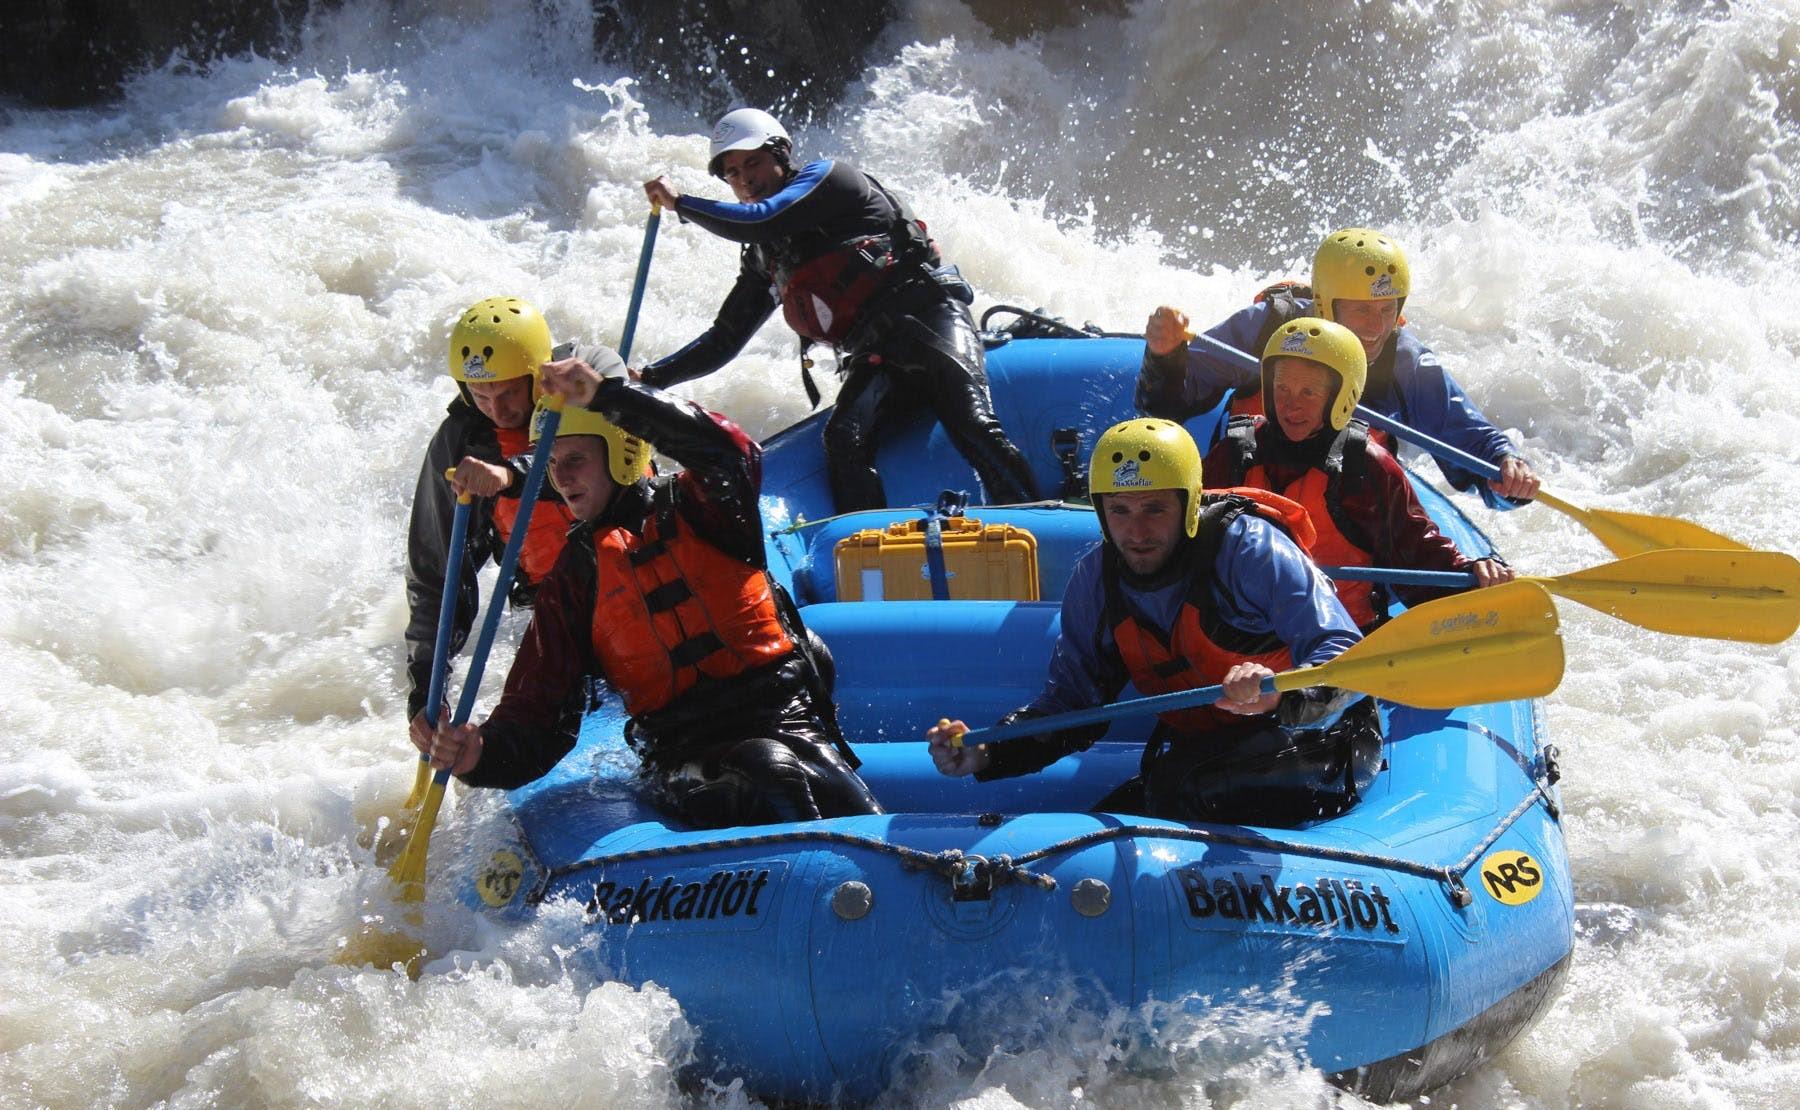 冰岛北部的漂流旅行团充满了探险的乐趣。